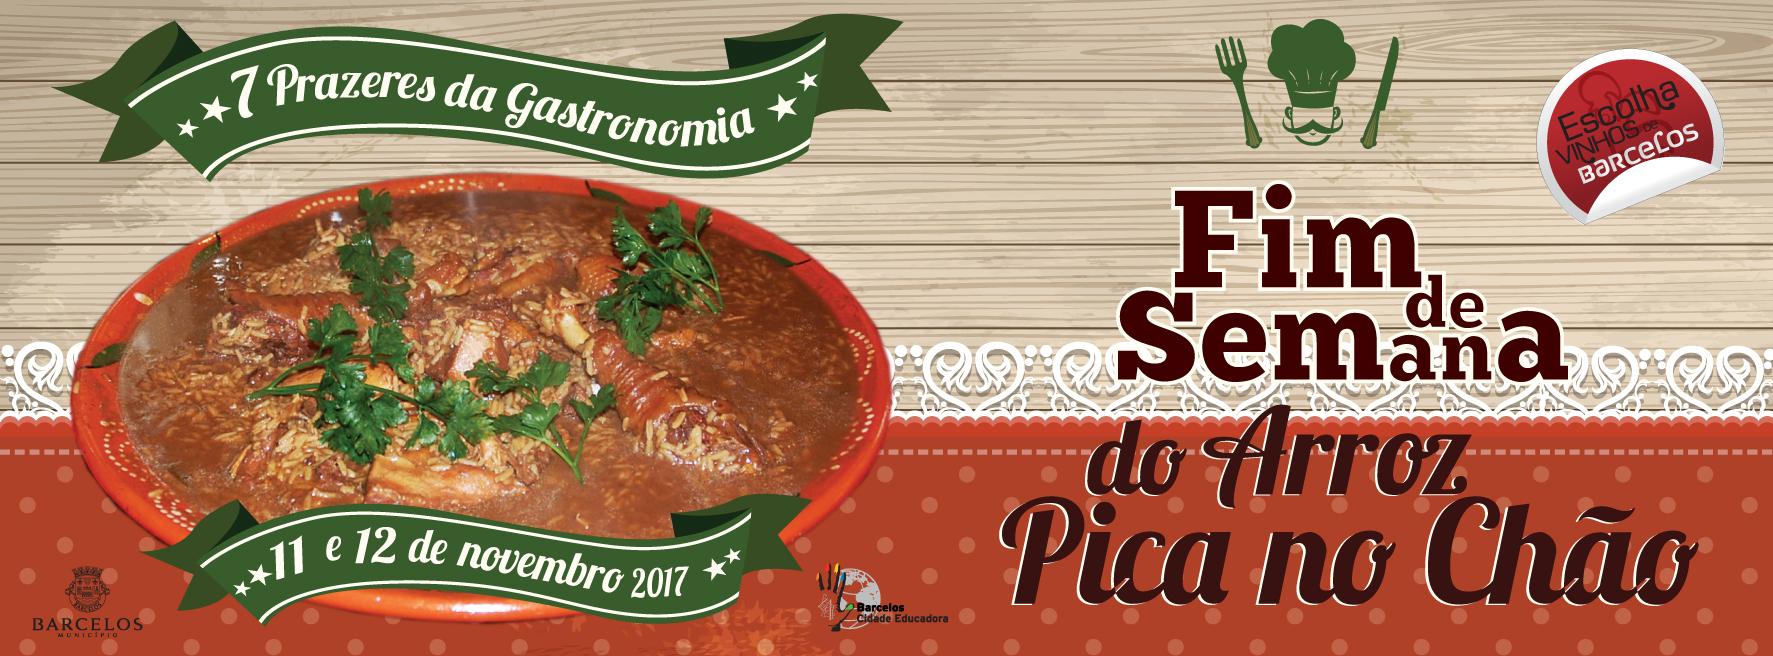 Arroz Pica no Chão à mesa em 27 restaurantes do concelho